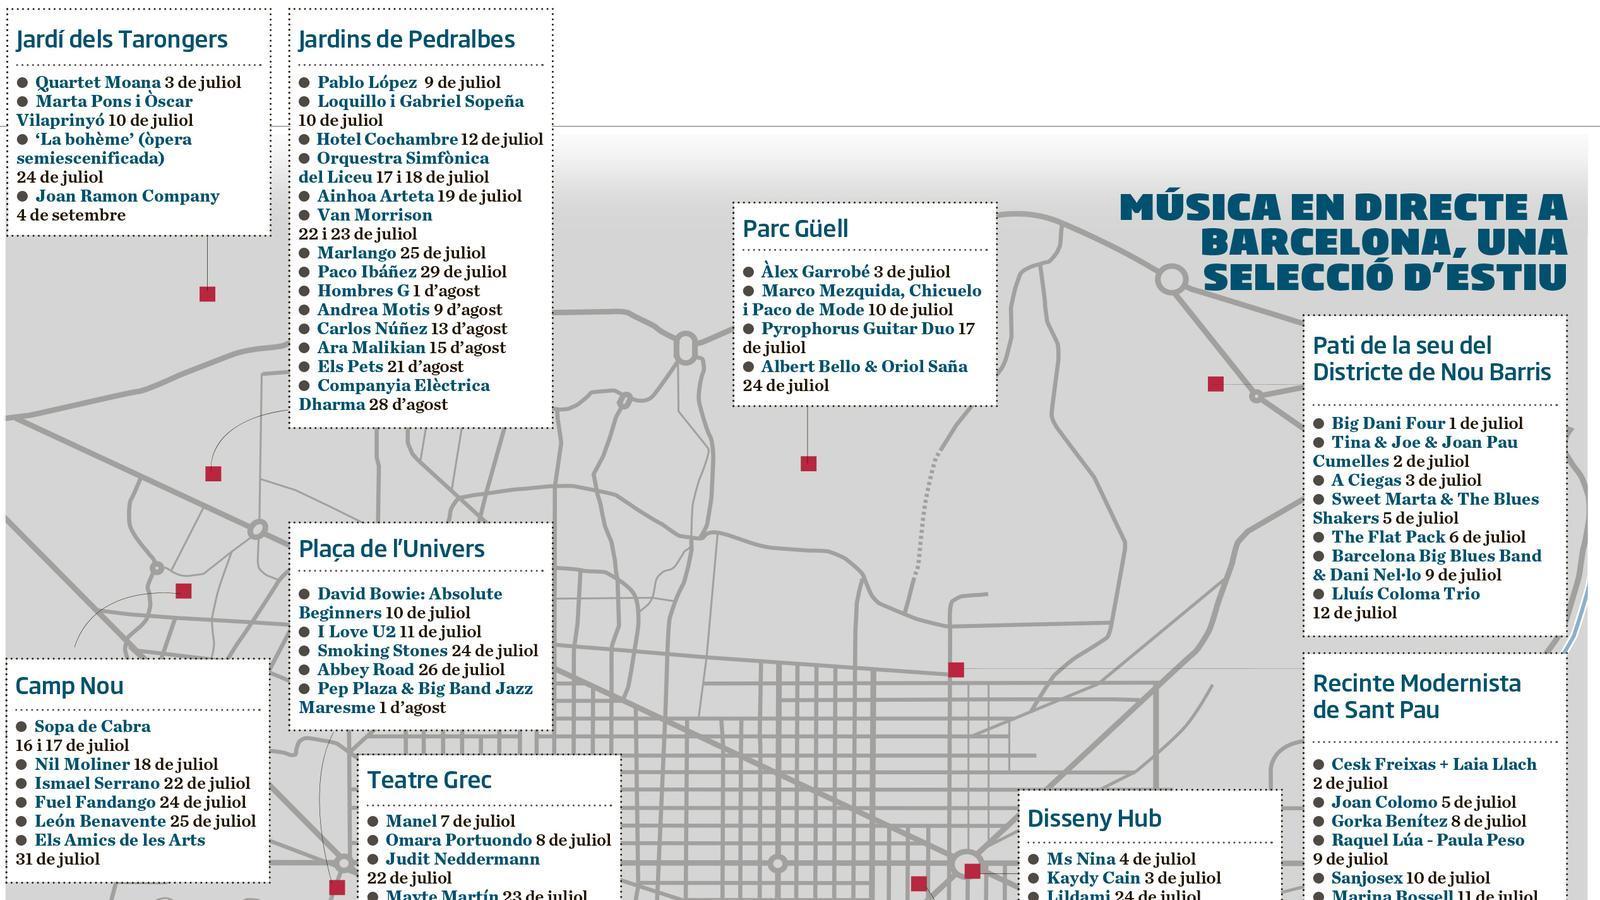 Mapa de la música en directe a l'aire lliure a Barcelona